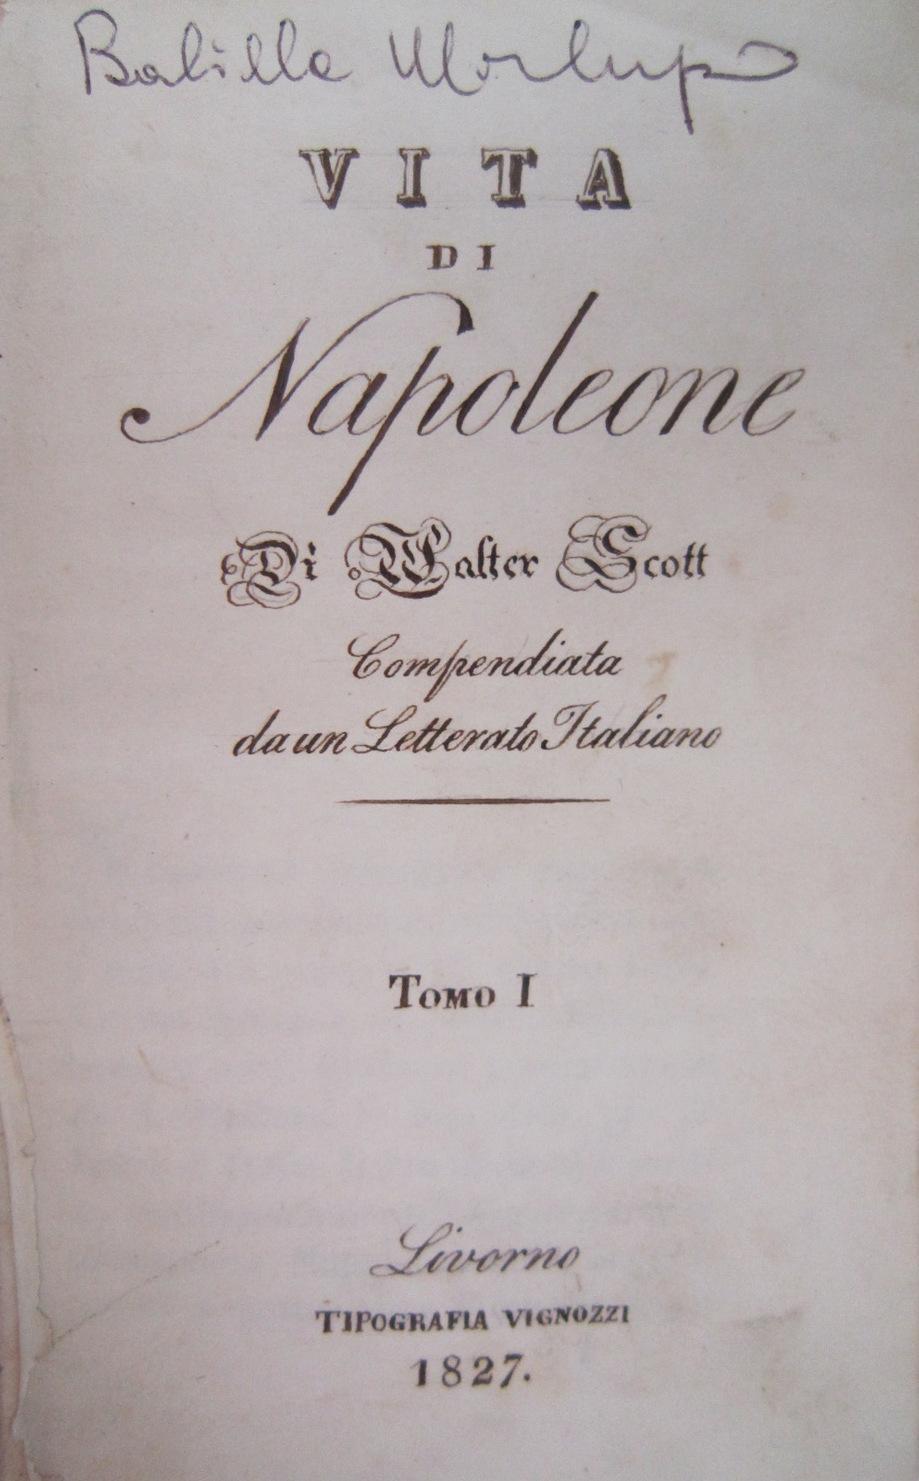 Vita di Napoleone